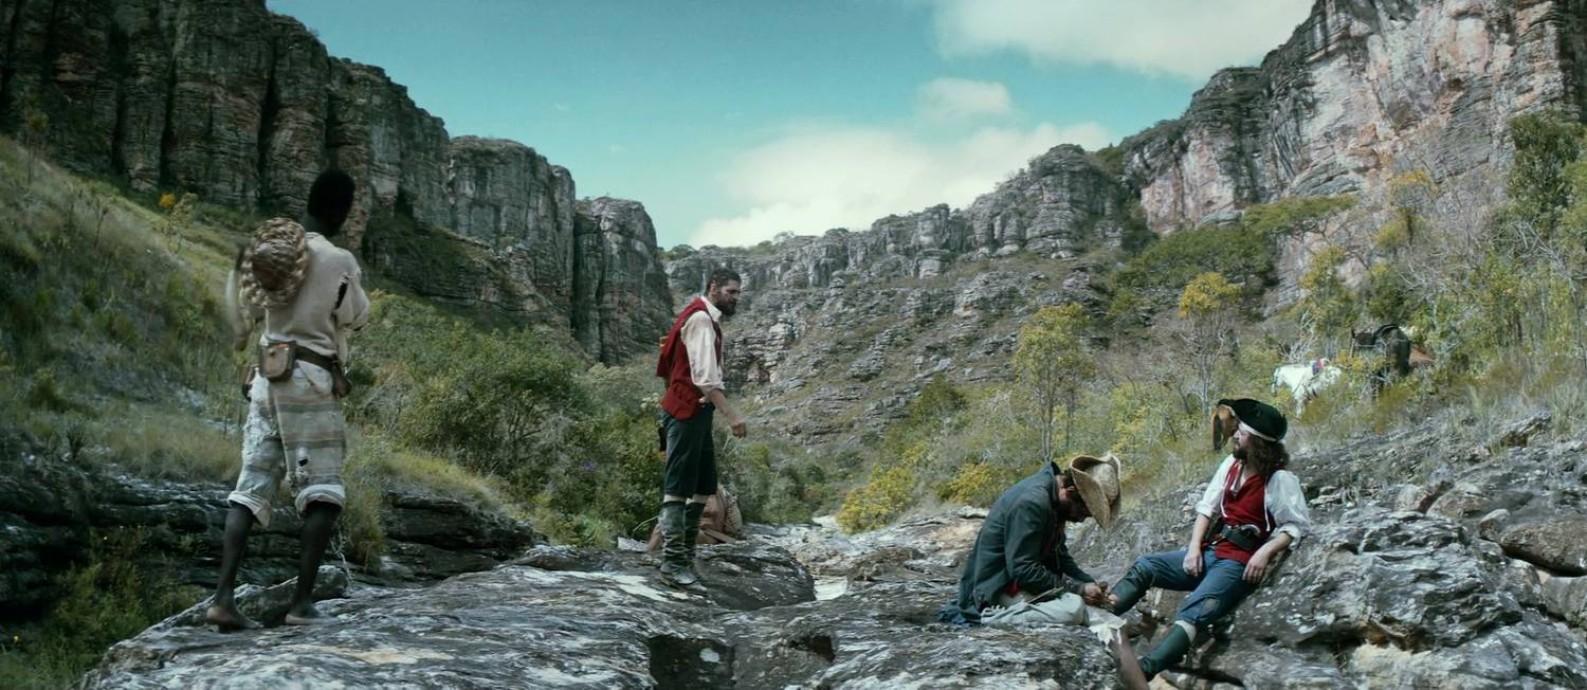 Cena do filme 'Joaquim', de Marcelo Gomes Foto: Divulgação